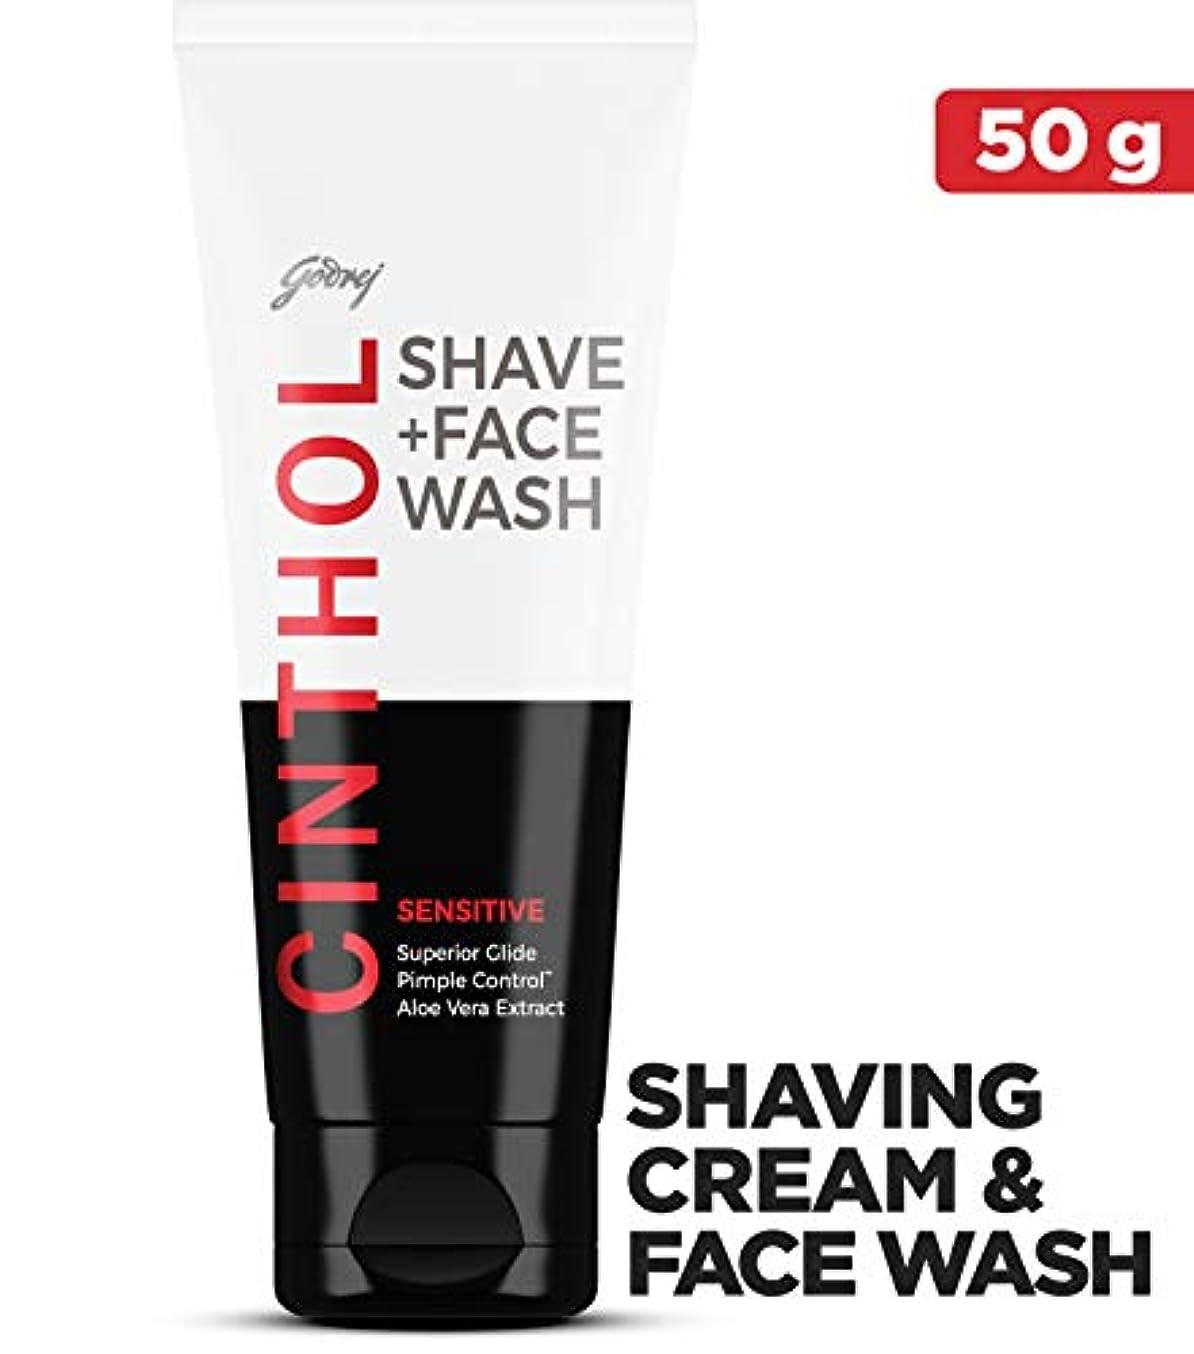 つま先リラックスしたハイジャックCinthol Sensitive Shaving + Face Wash, 50g